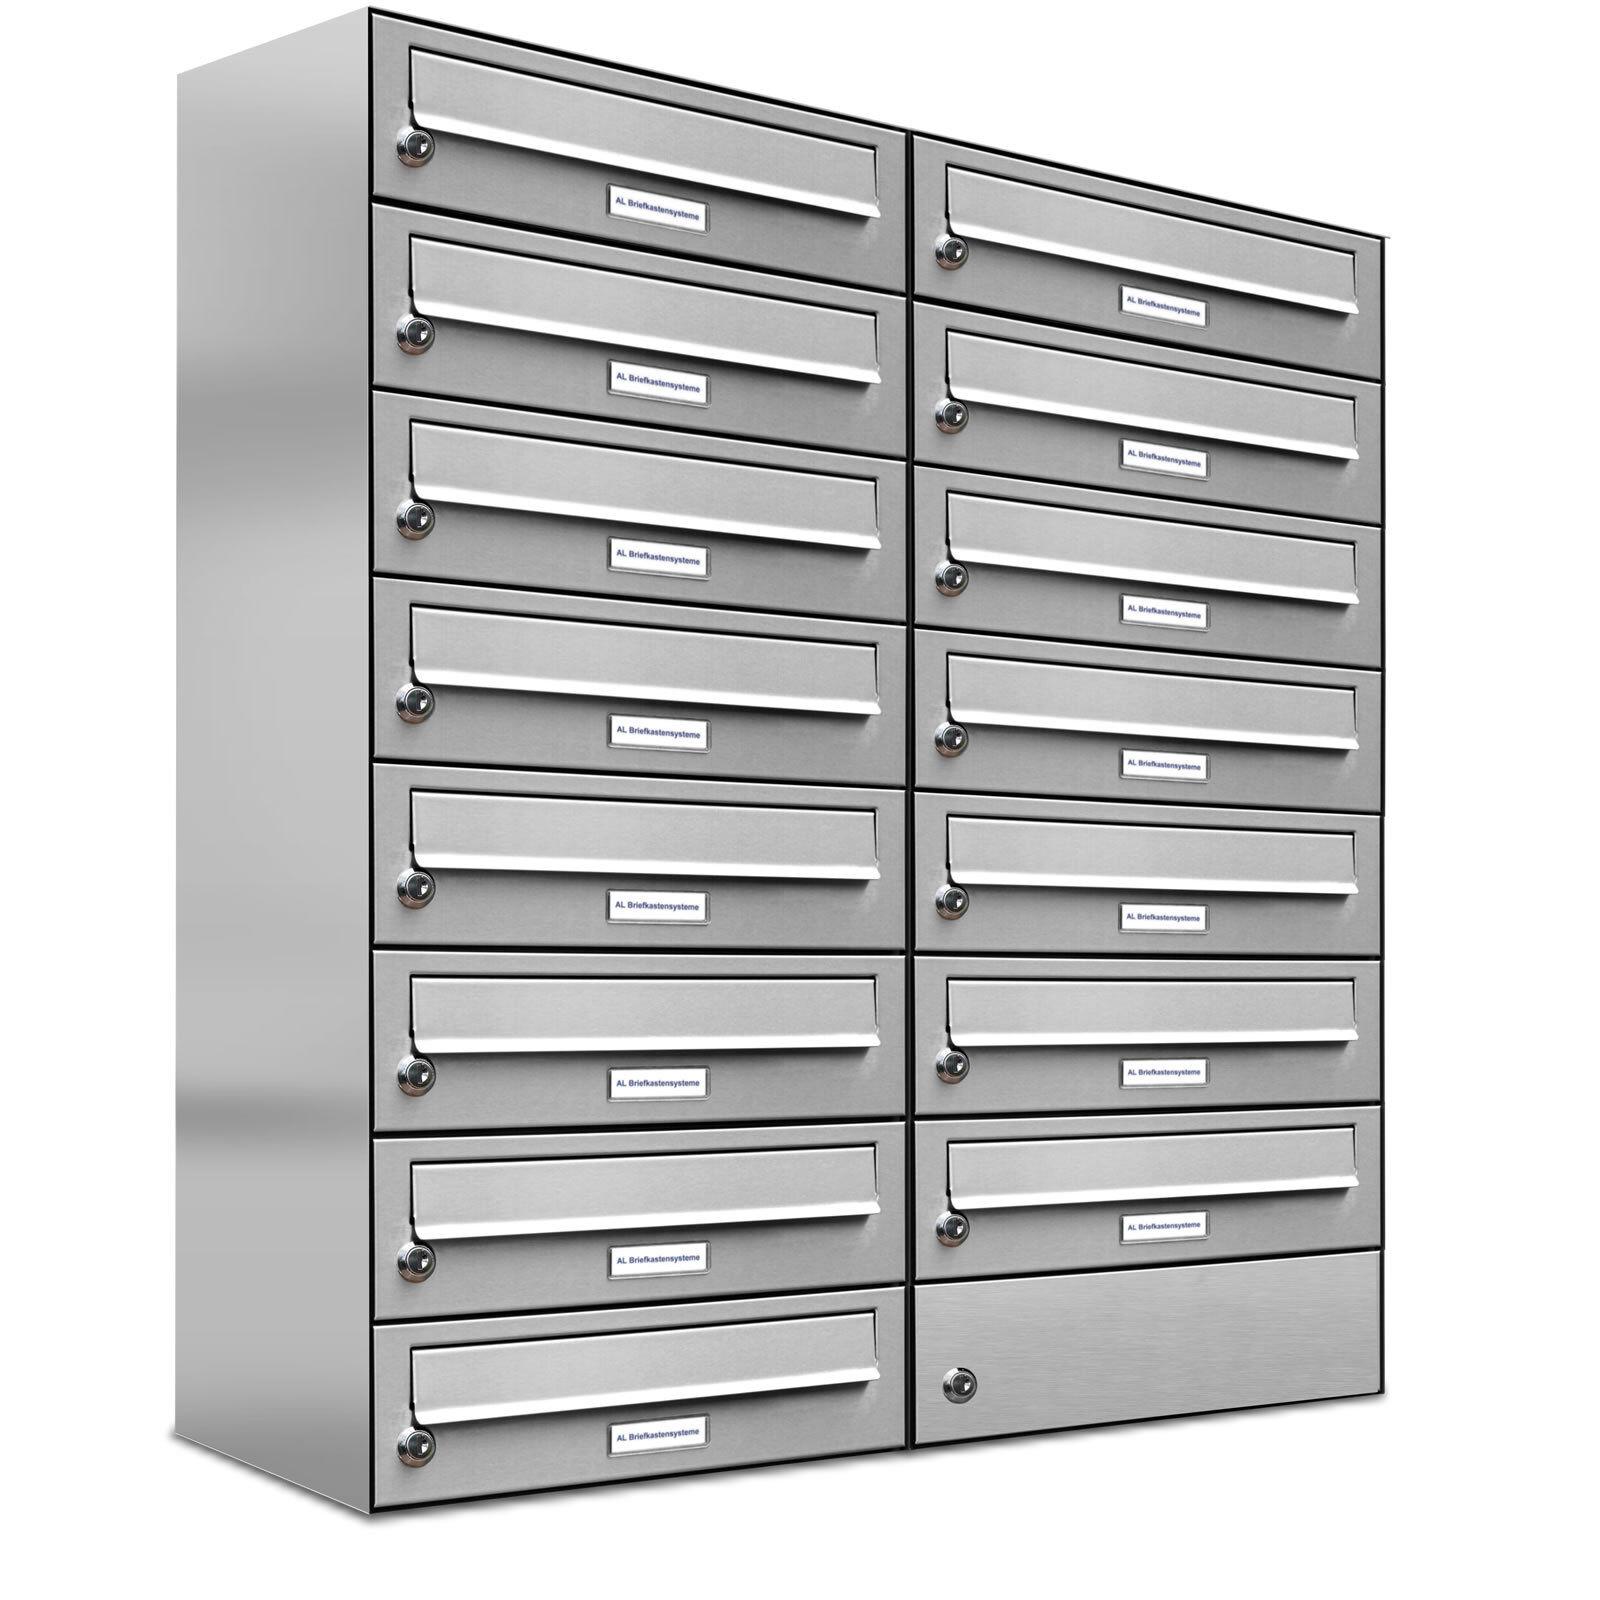 15er Premium V2A Edelstahl Briefkasten Anlage 15 Fach Wandmontage A4 Postkasten